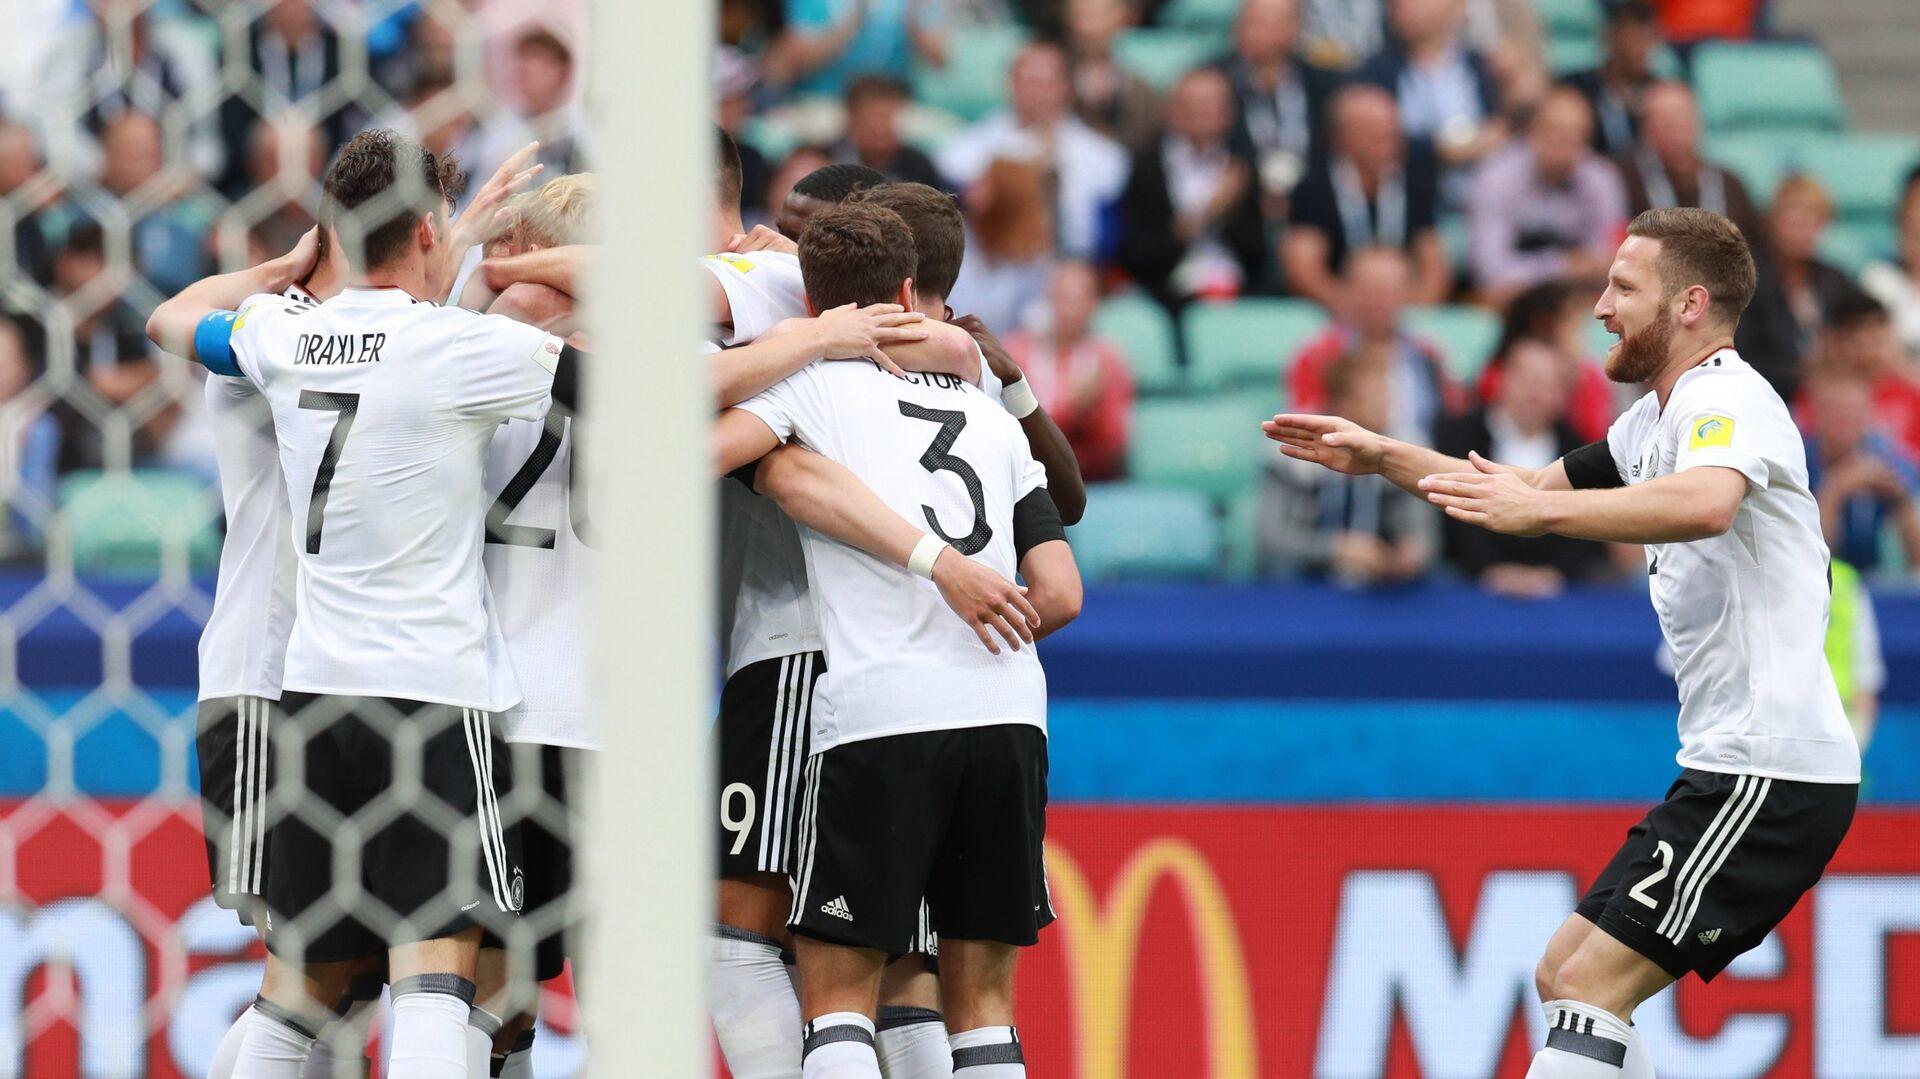 Игроки сборной Германии радуются забитому мячу во время матча Кубка конфедераций-2017 по футболу между сборными Австралии и Германии - РИА Новости, 1920, 25.03.2021